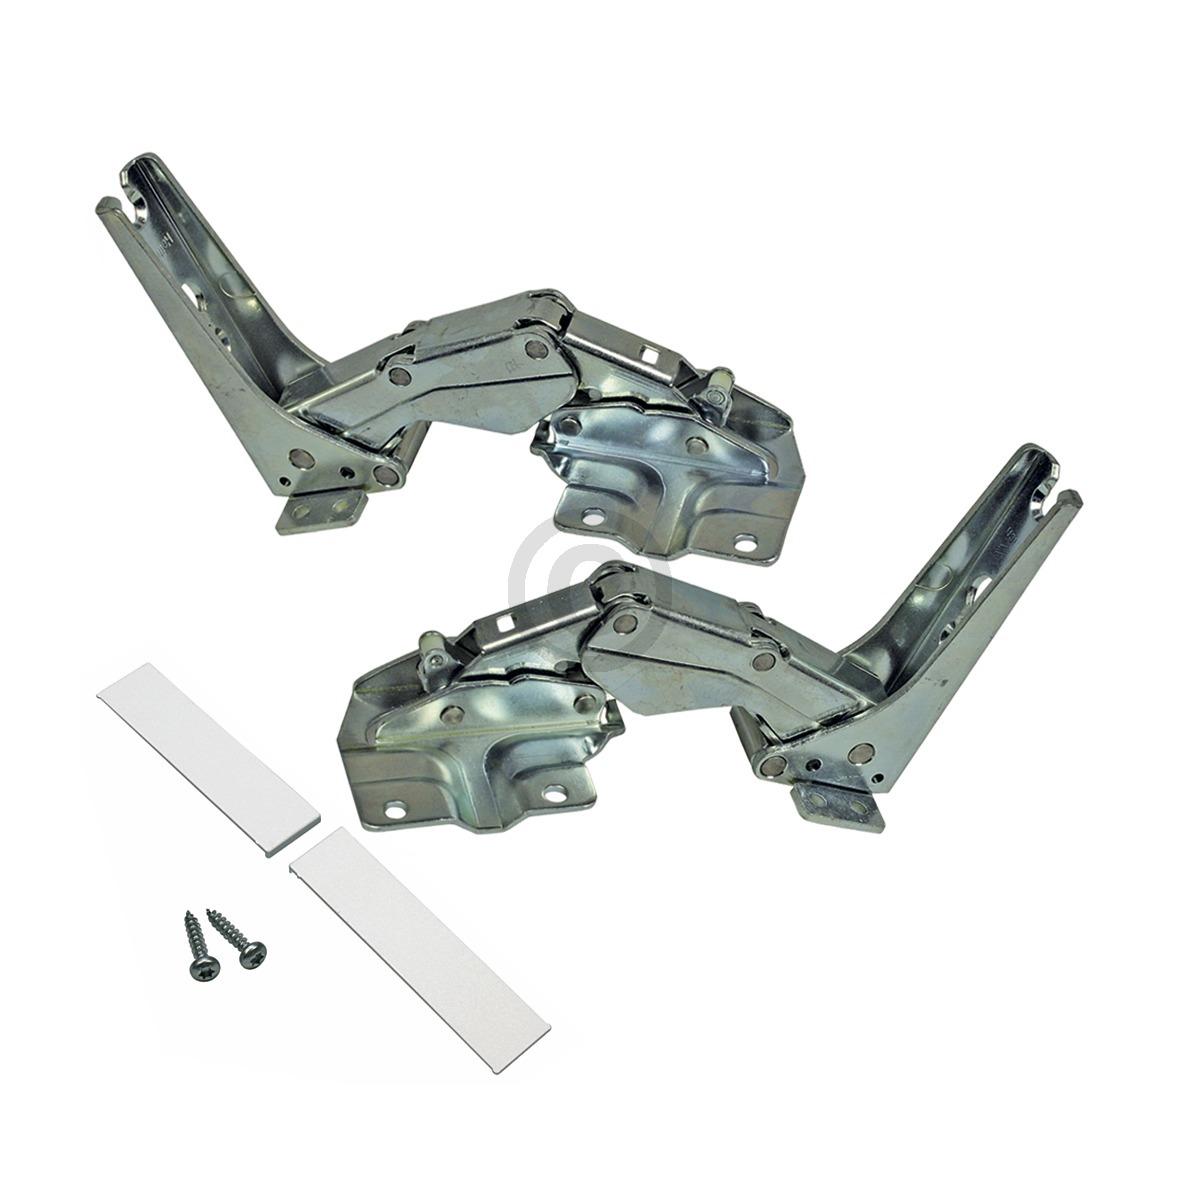 Kühlschrank-Scharnier Reparatursatz 00481147 - 2 Stück - oben und unten -